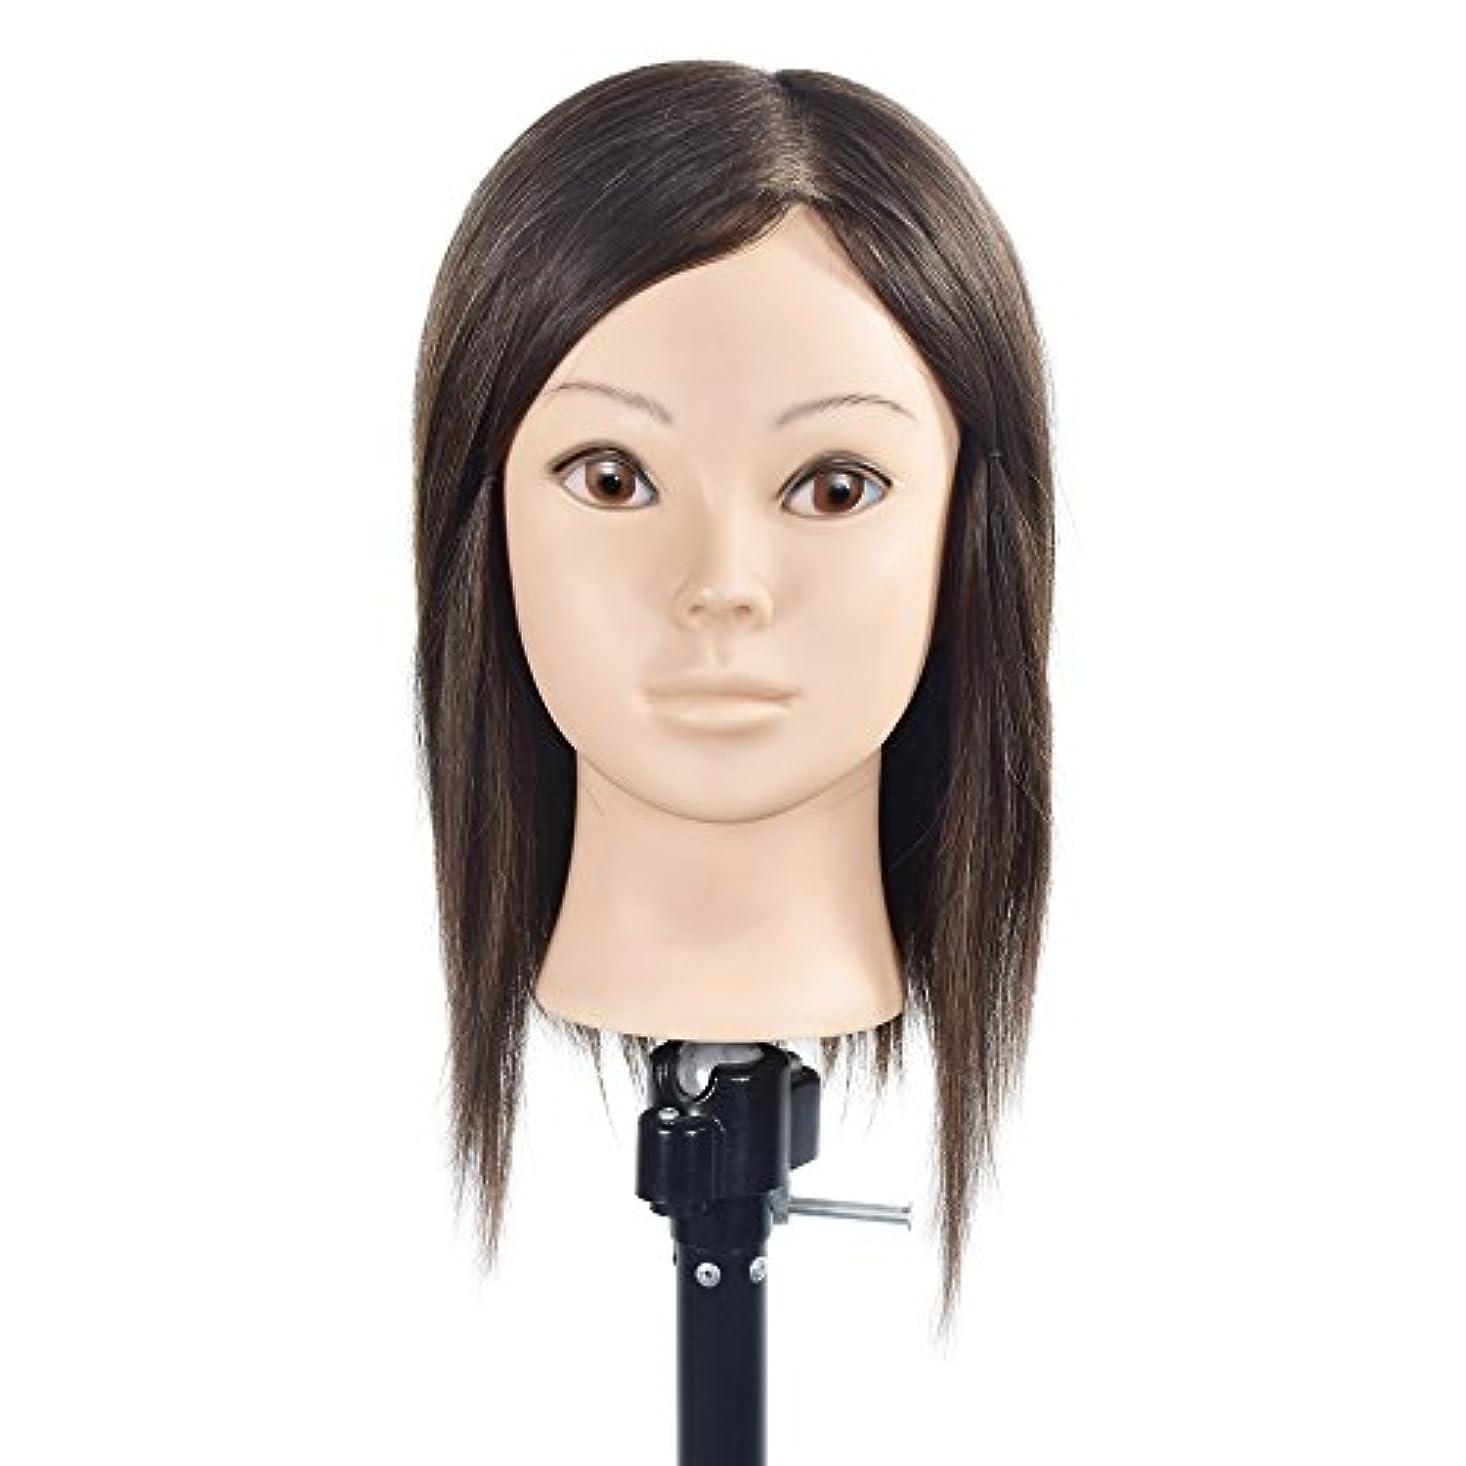 質素なアナニバー祝うトレーニングヘッド美容師100%リアルヒューマンヘアスタイリングマニアックマネキン人形(フリーテーブルクランプ付)